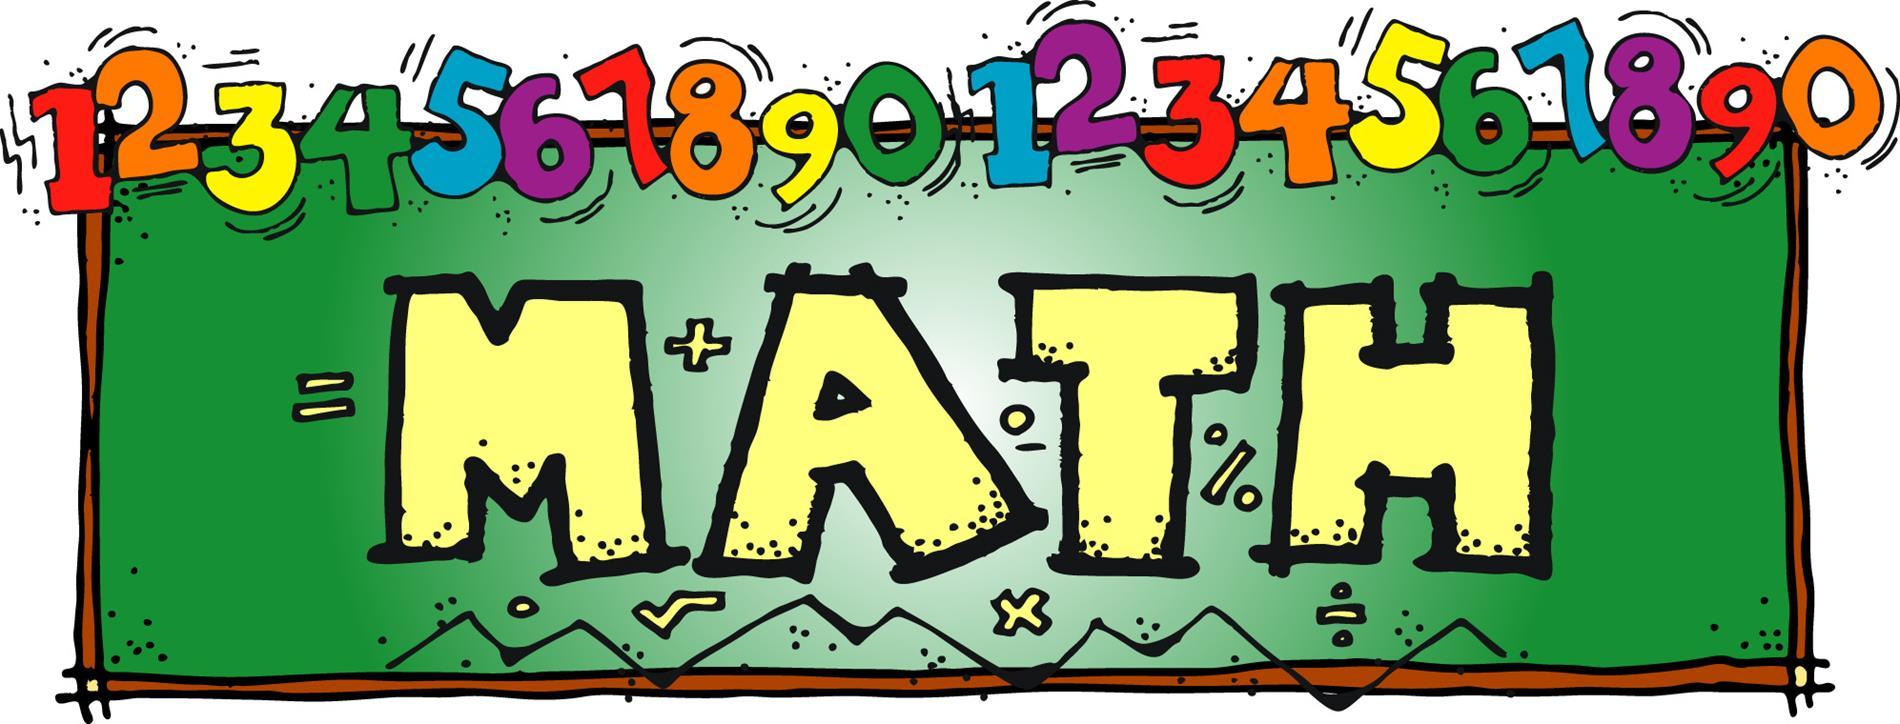 Mrs. Hernandez Math Class